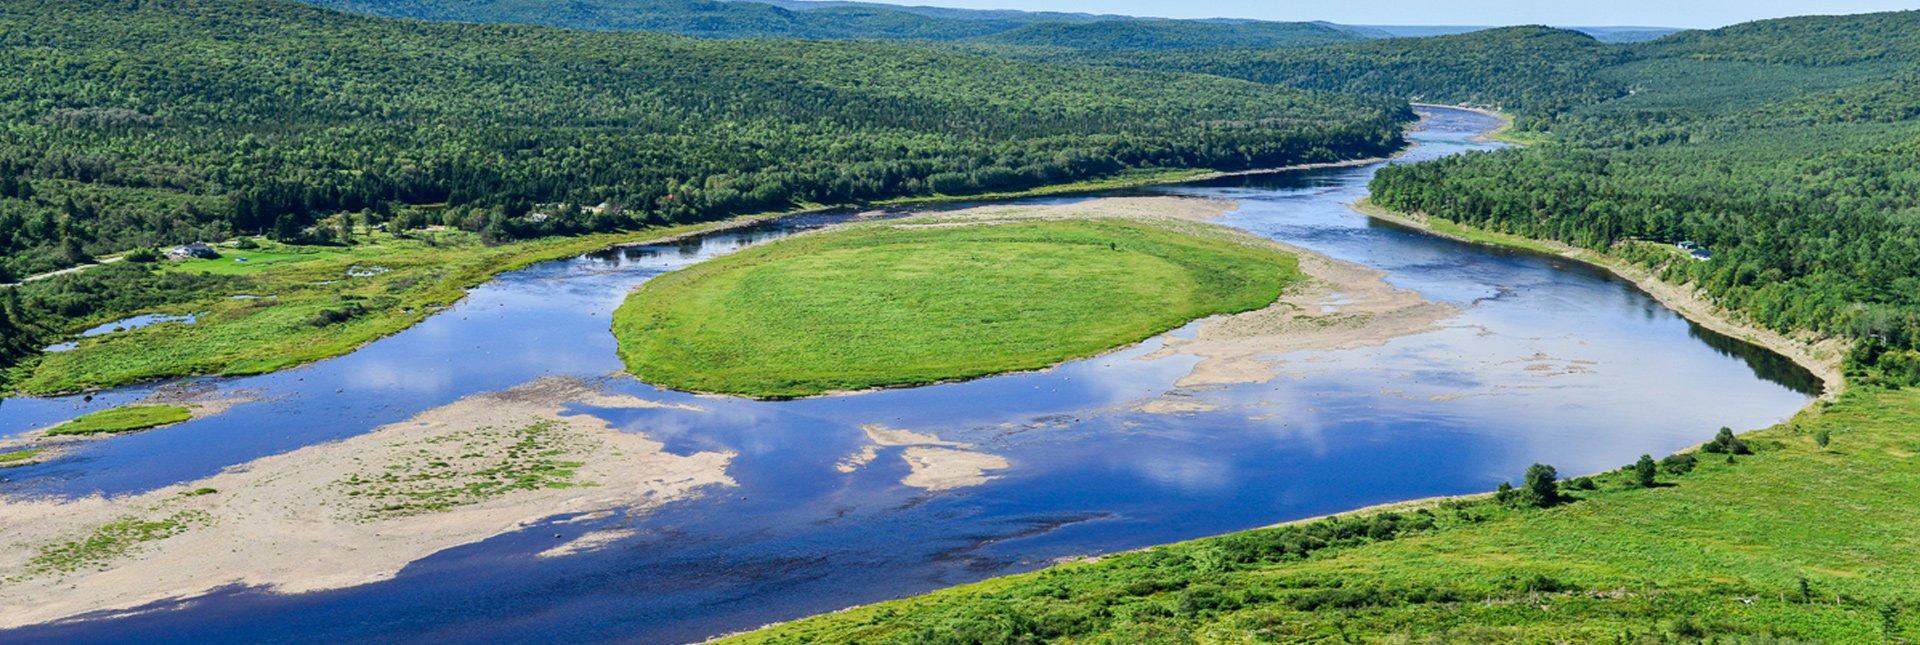 allagash-river